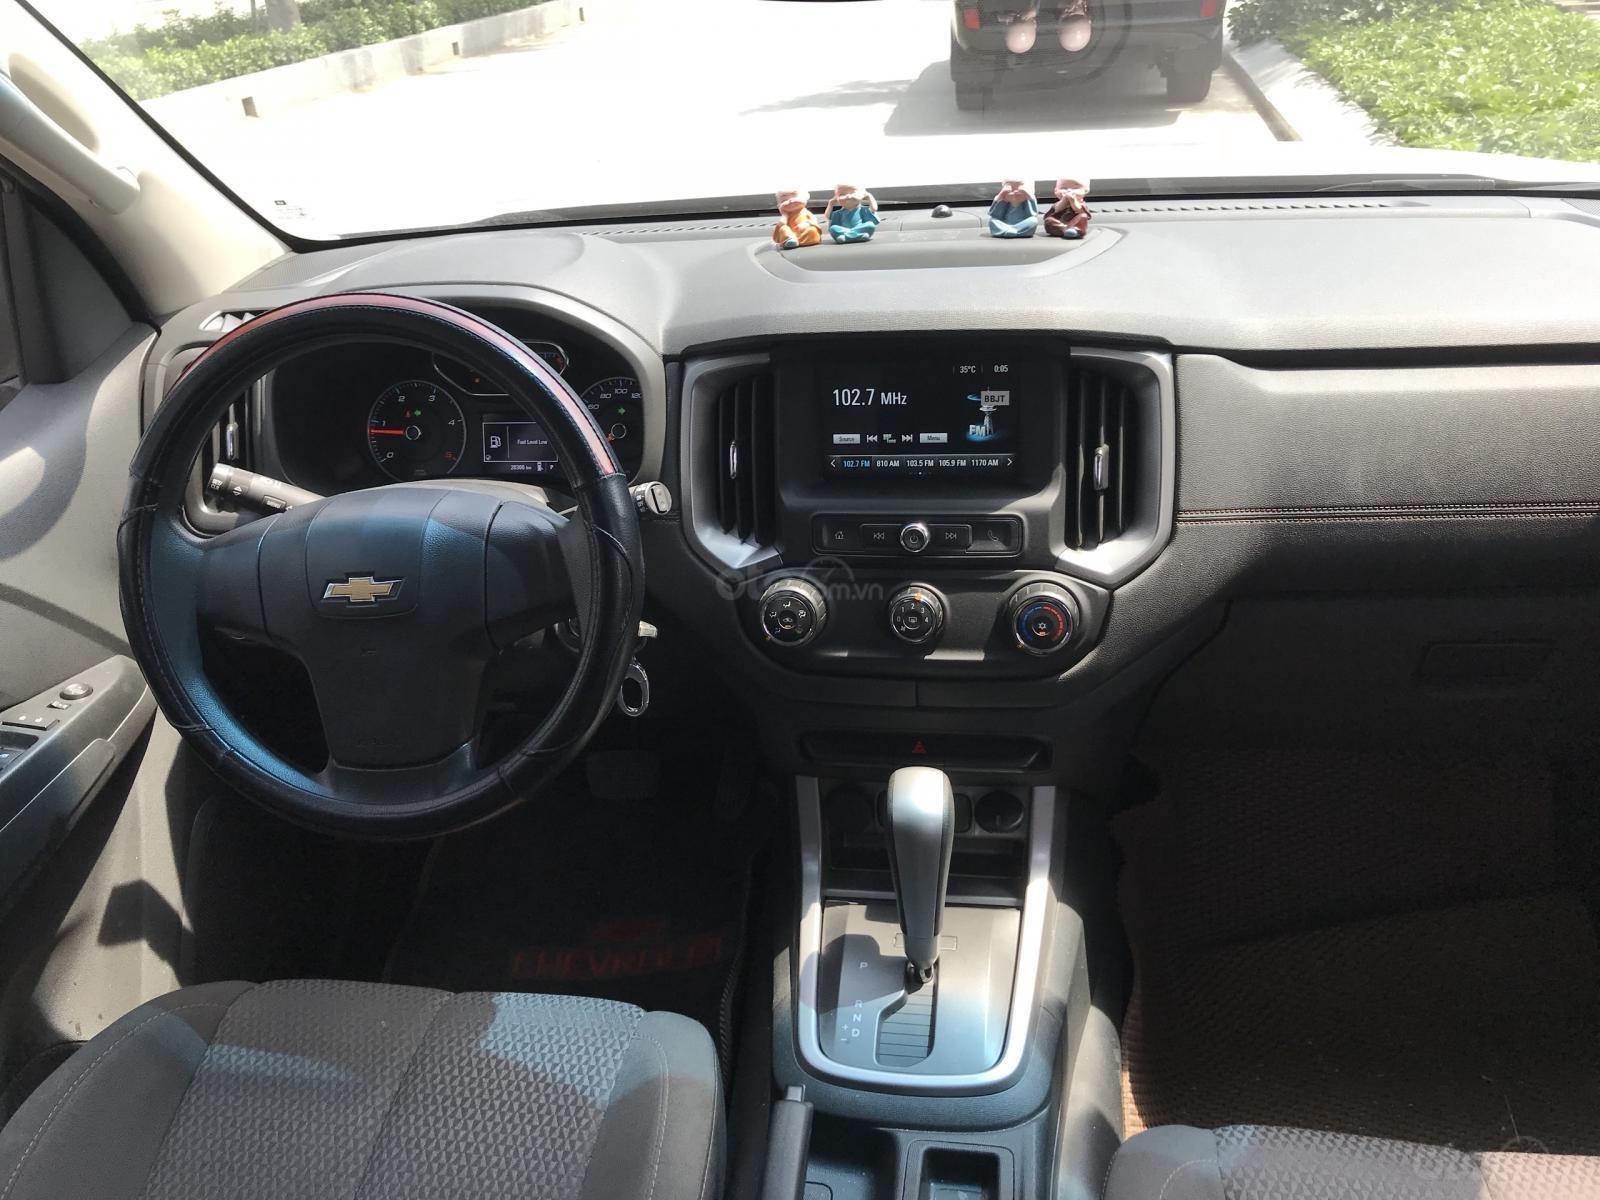 Bán Chevrolet Trailblazer 2018 nhập Thái, giá 775tr. LH: 0787.553.663 (4)